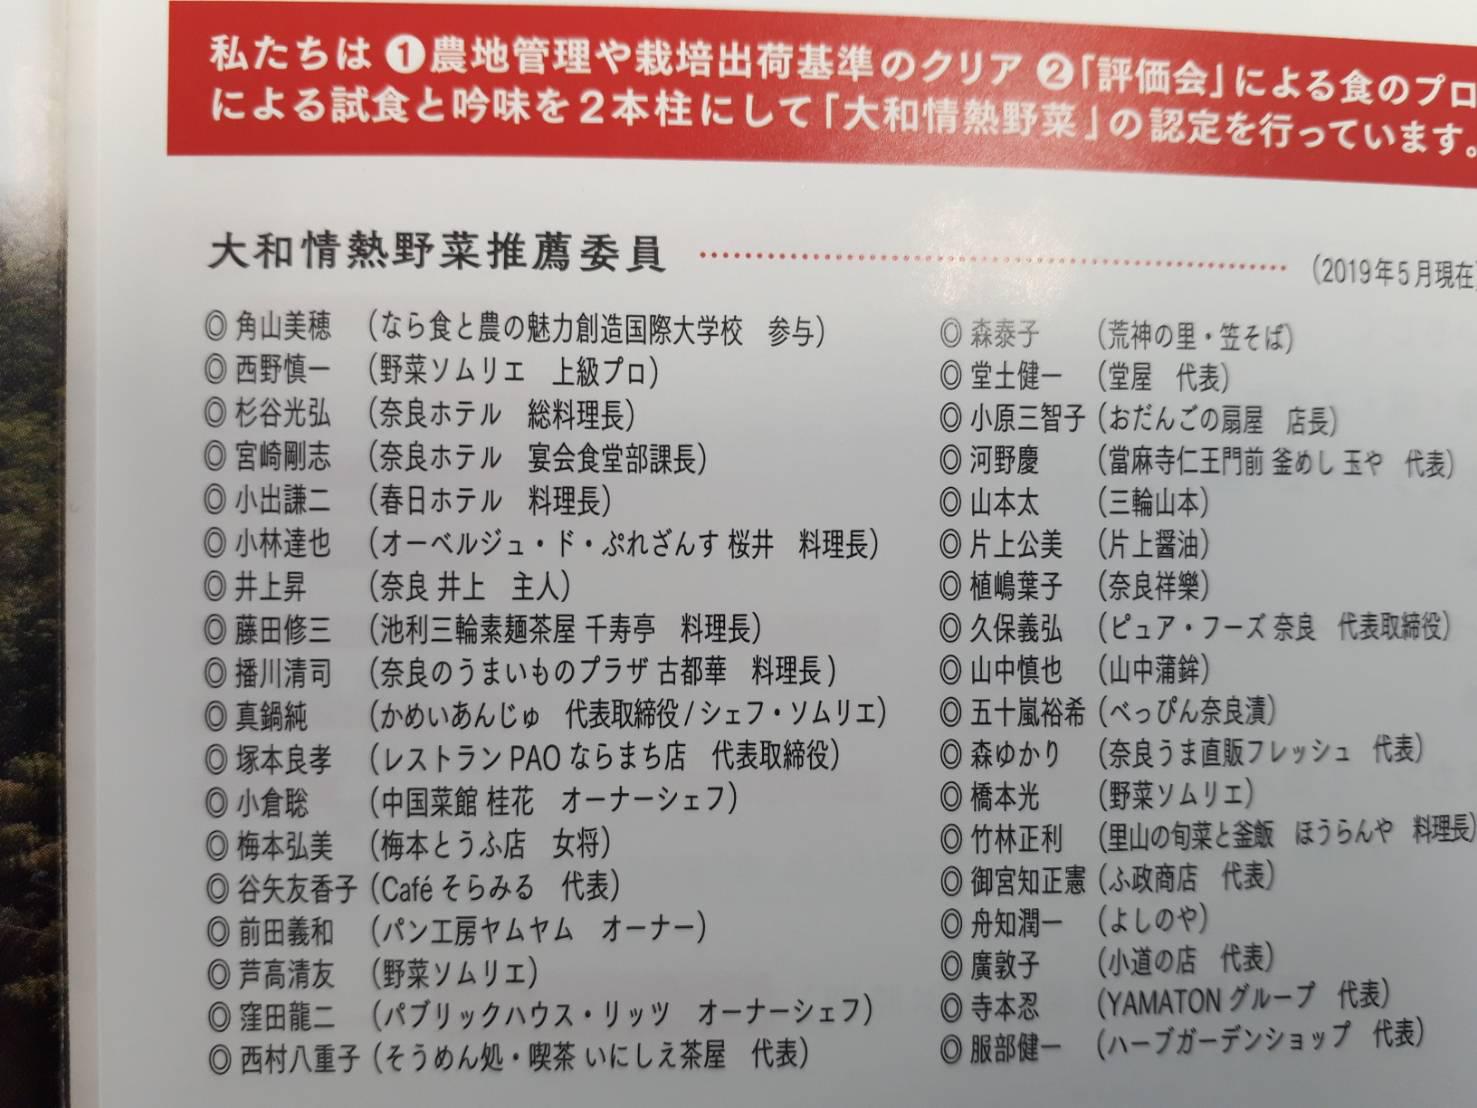 大和情熱野菜・品評会@奈良県庁橿原分庁舎